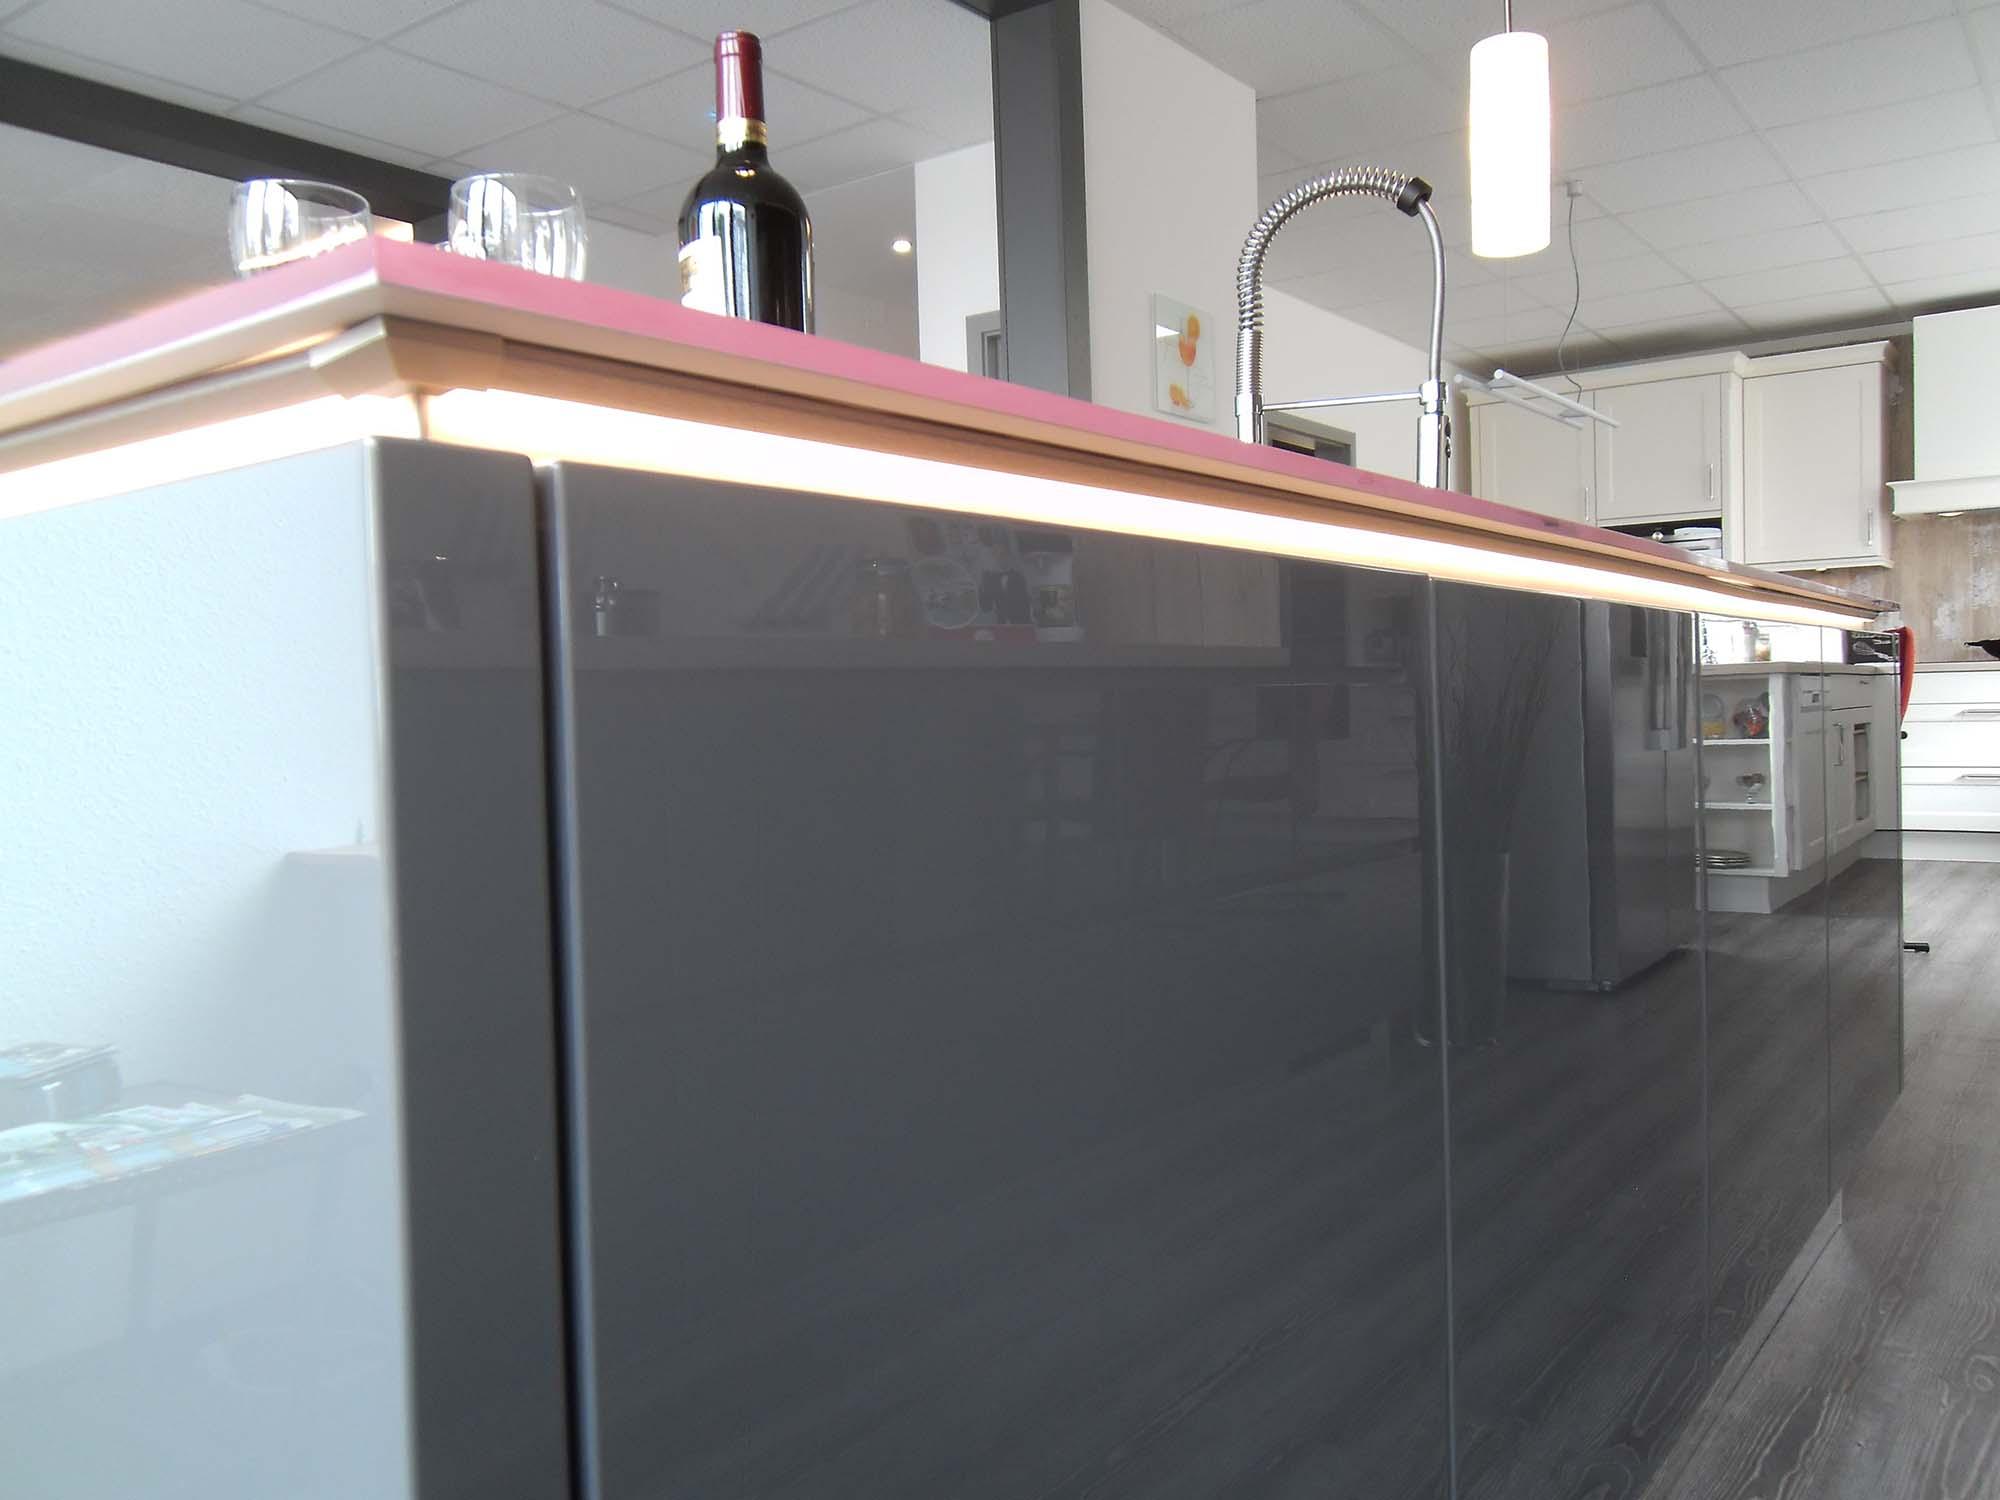 Full Size of Grifflos Miniküche Mit Kühlschrank Möbelgriffe Küche Bodenbeläge Deckenleuchte Deko Für E Geräten Günstig Einbauküche Selber Bauen Gebrauchte Wohnzimmer Beleuchtung Küche